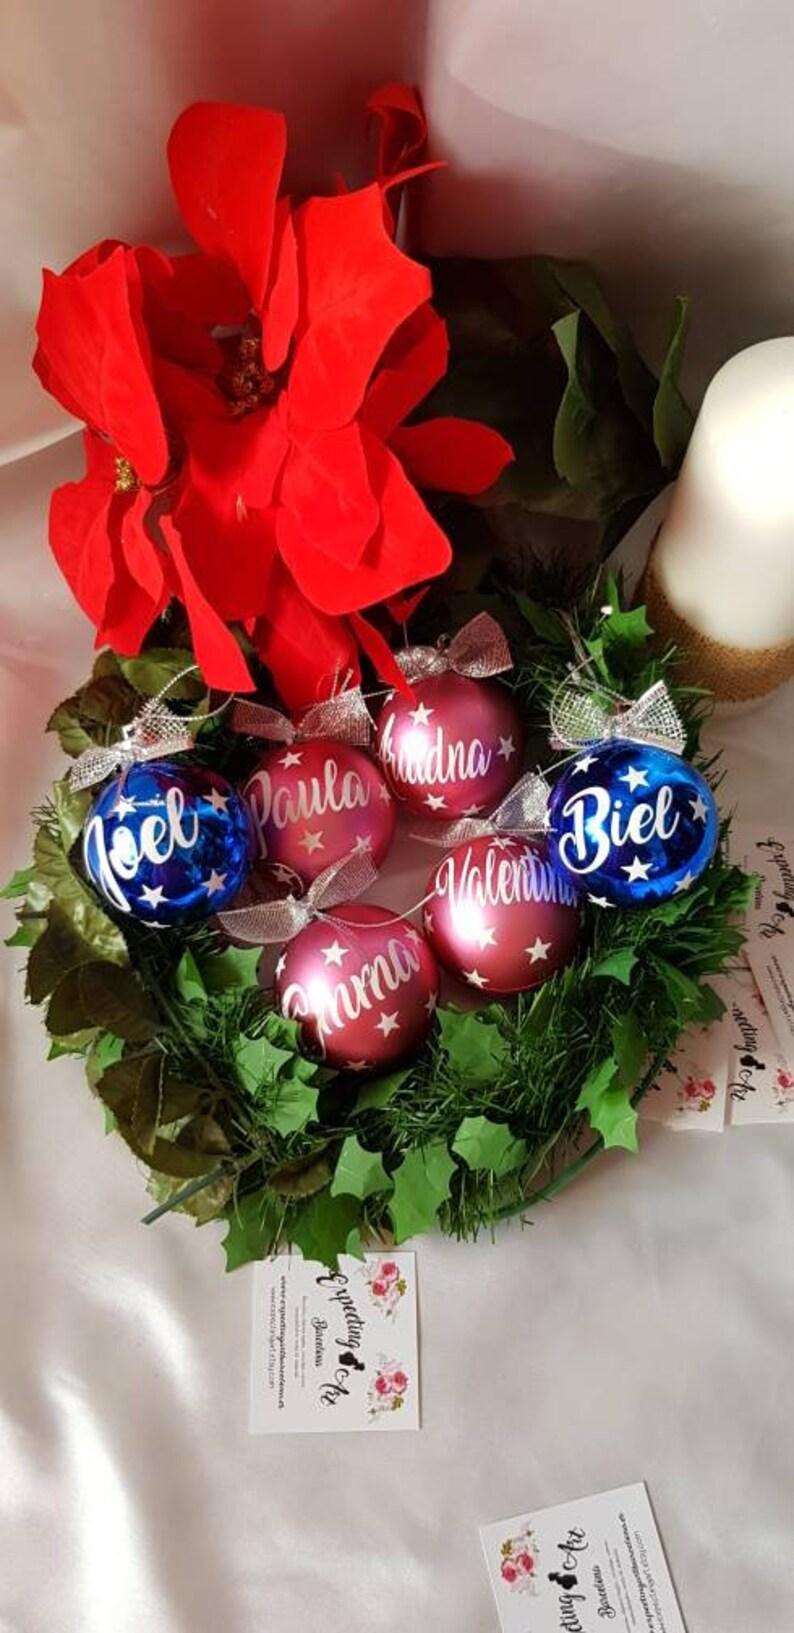 Bola de navidad con Nombre. Christmas ball red Bola Personalizada de Navidad 8 cm Adorno de Navidad Esfera Navide\u00f1a Christmas baubles